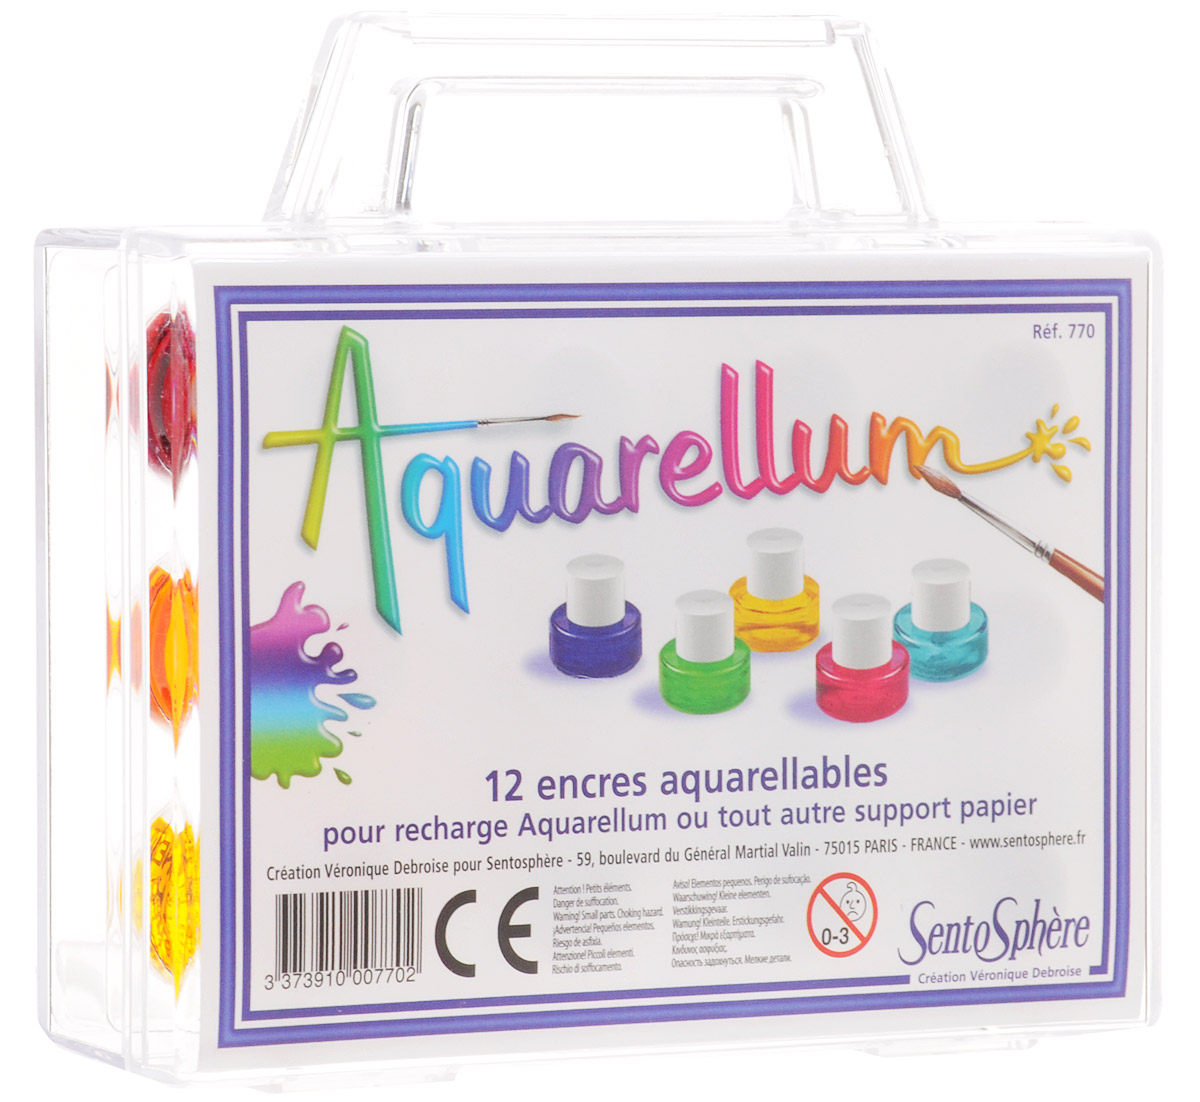 SentoSphere Акварель 12 цветов770Акварельные краски SentoSphere приведут в восторг юного художника.Дети с удовольствием будут учиться рисовать, создавая яркие рисунки с помощью этих разноцветных красок. Краски легко наносятся, быстро сохнут и не пачкаются. Их удобно хранить в оригинальном чемоданчике. В процессе рисования у детей развивается мелкая моторика рук, фантазия, воображение и творческое мышление.В наборе 12 ярких цветов в флакончиках. Объем одного флакона 5 мл.